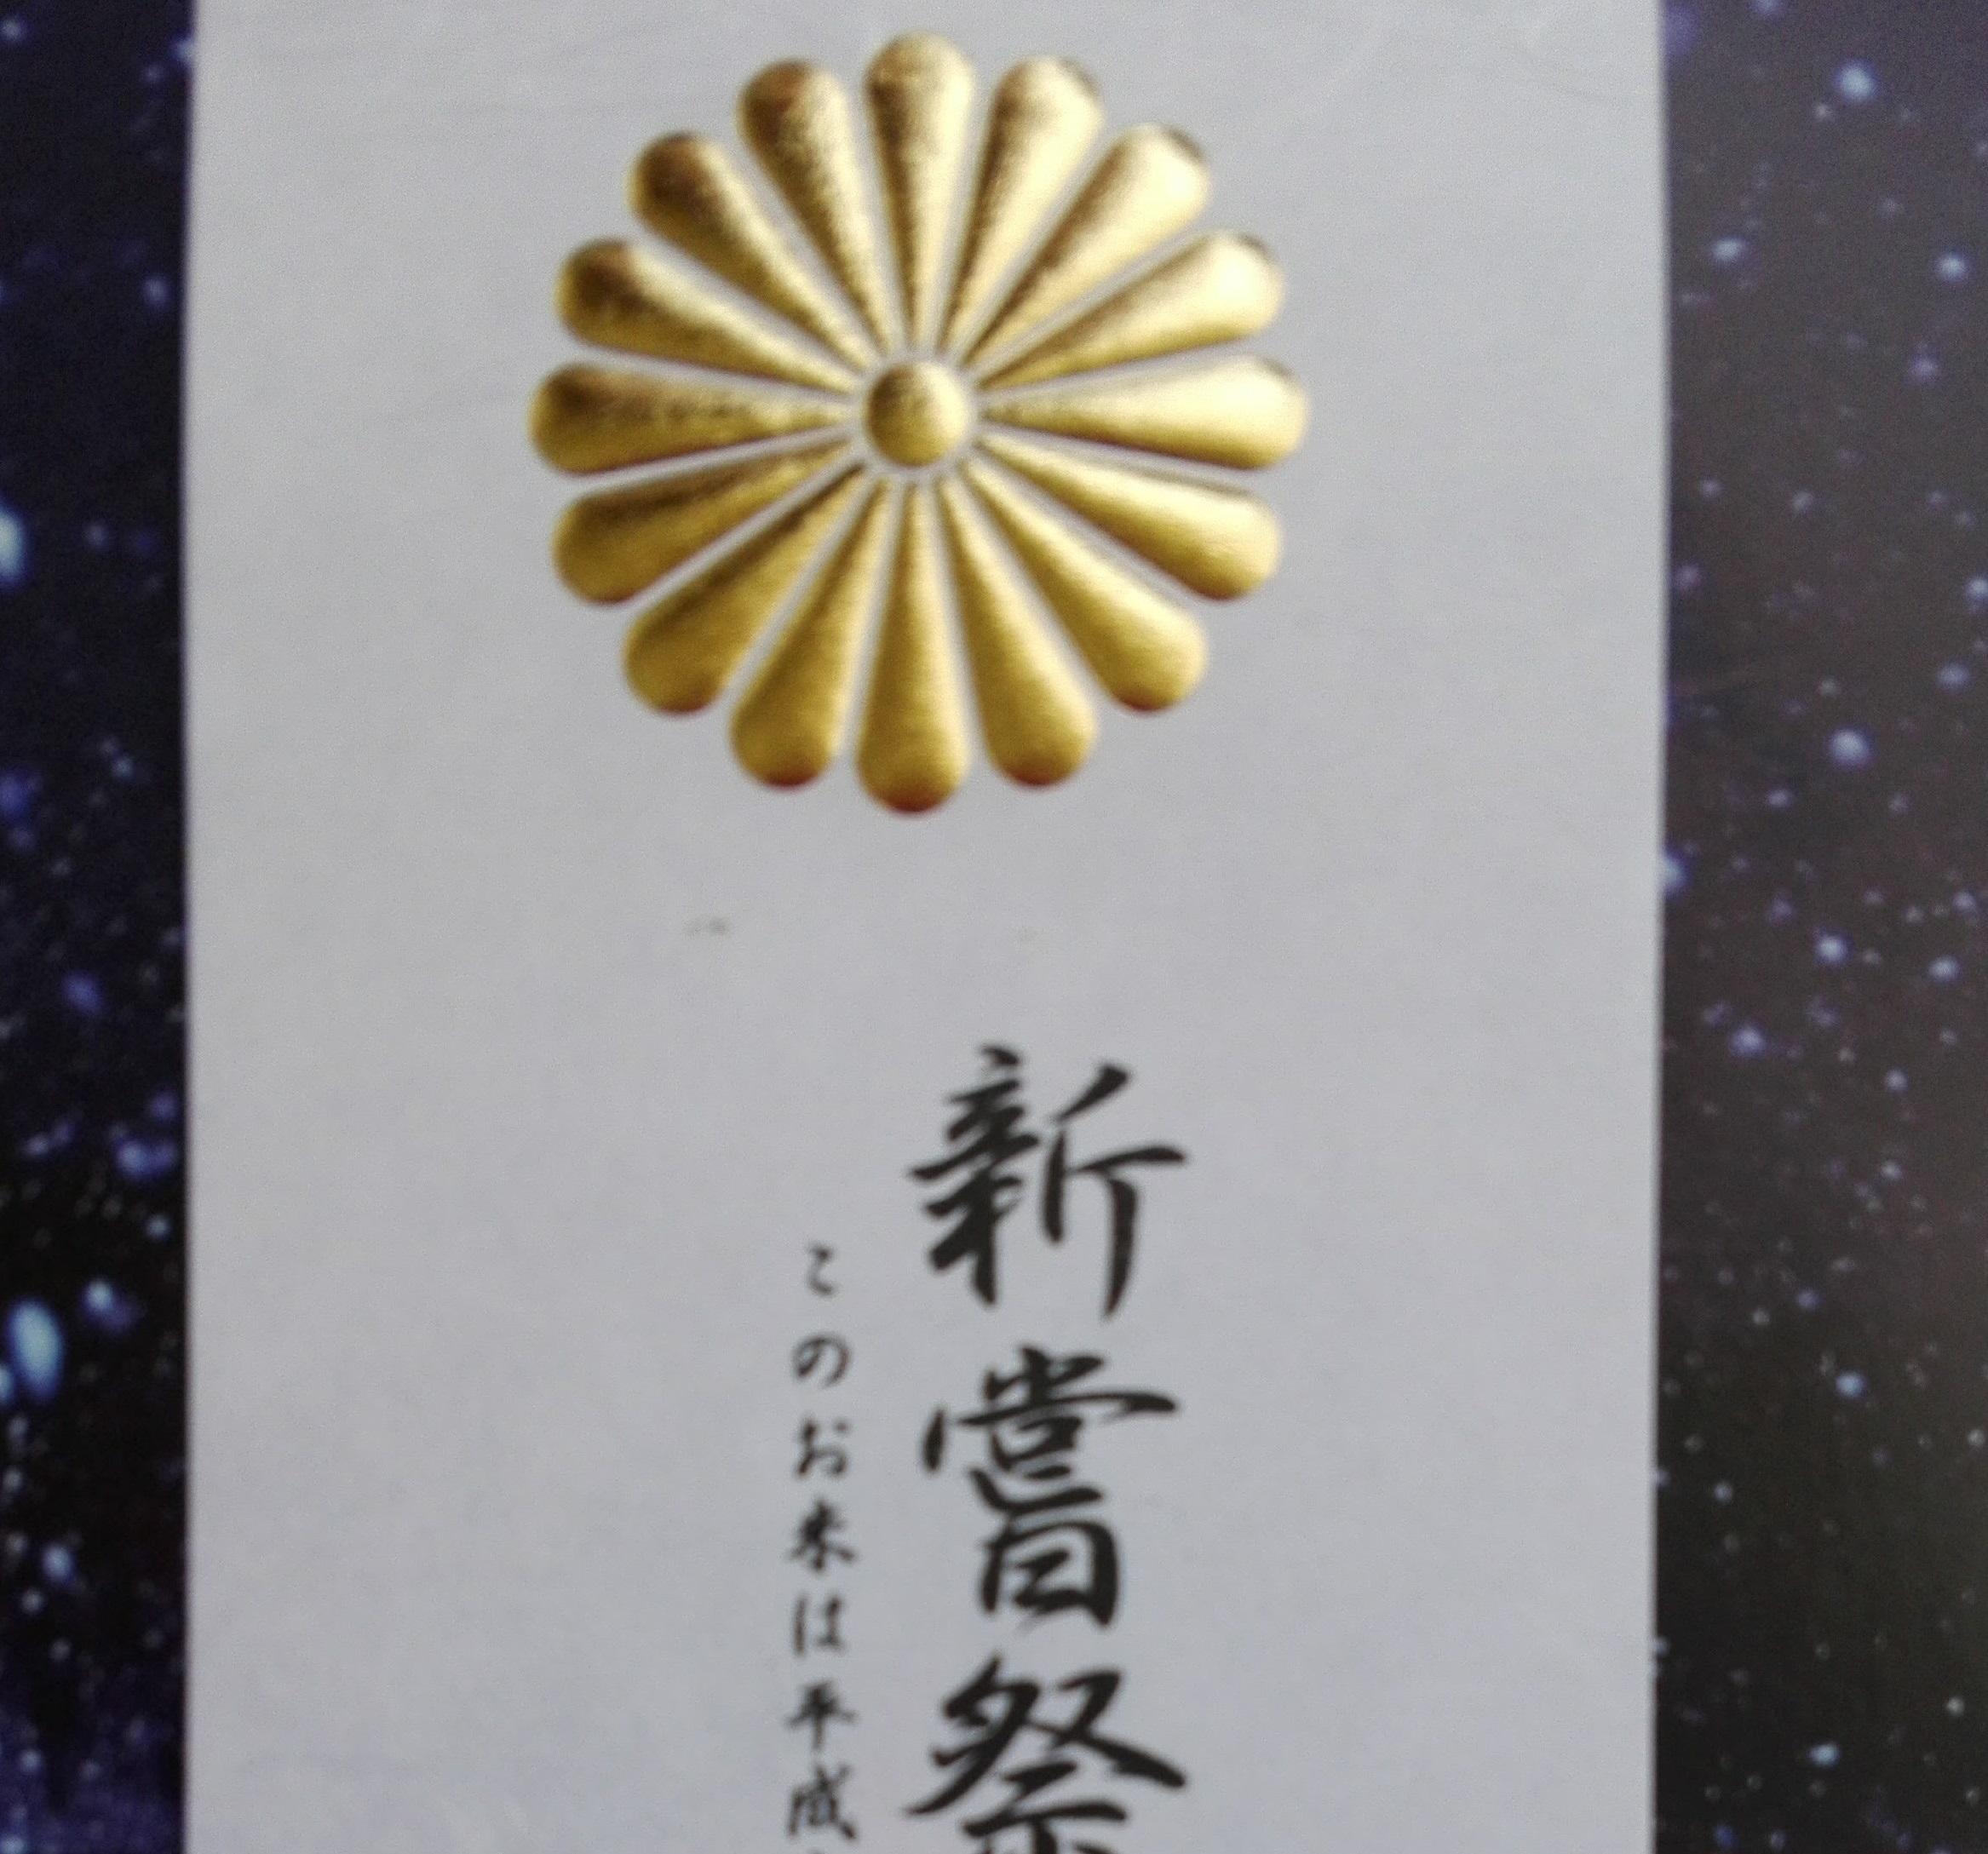 魚沼産の金崎さんちのお米は皇室献上米の新米コシヒカリ!安くて美味しい通販ランキング